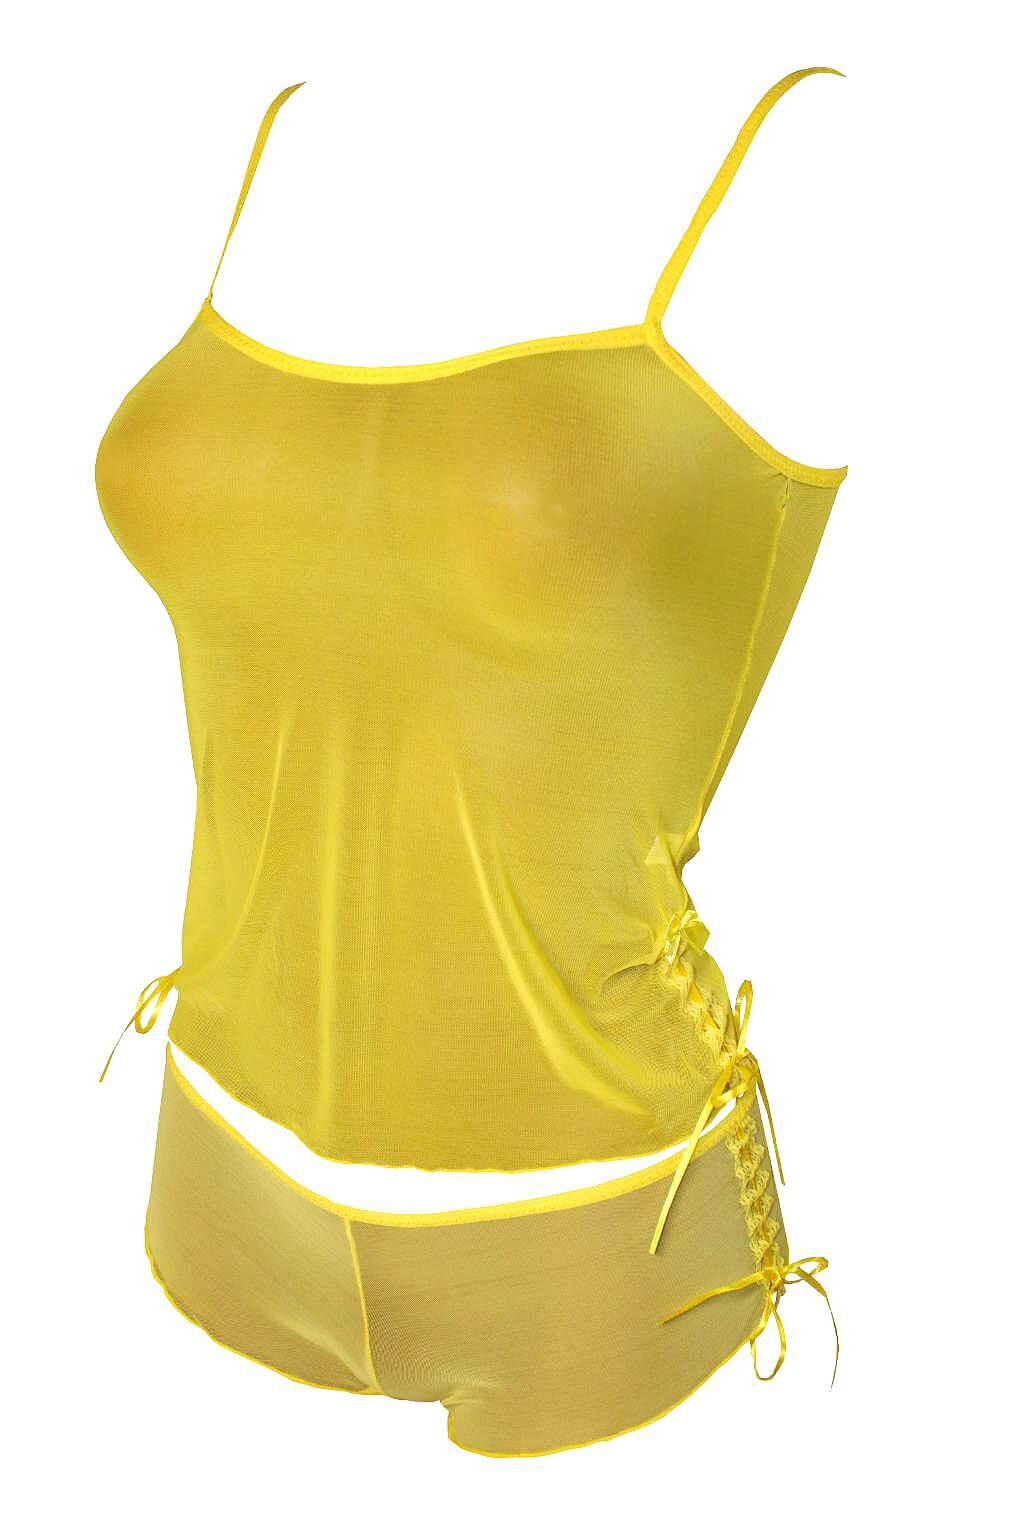 Selma komplet podprsenka + kalhotky M žlutá